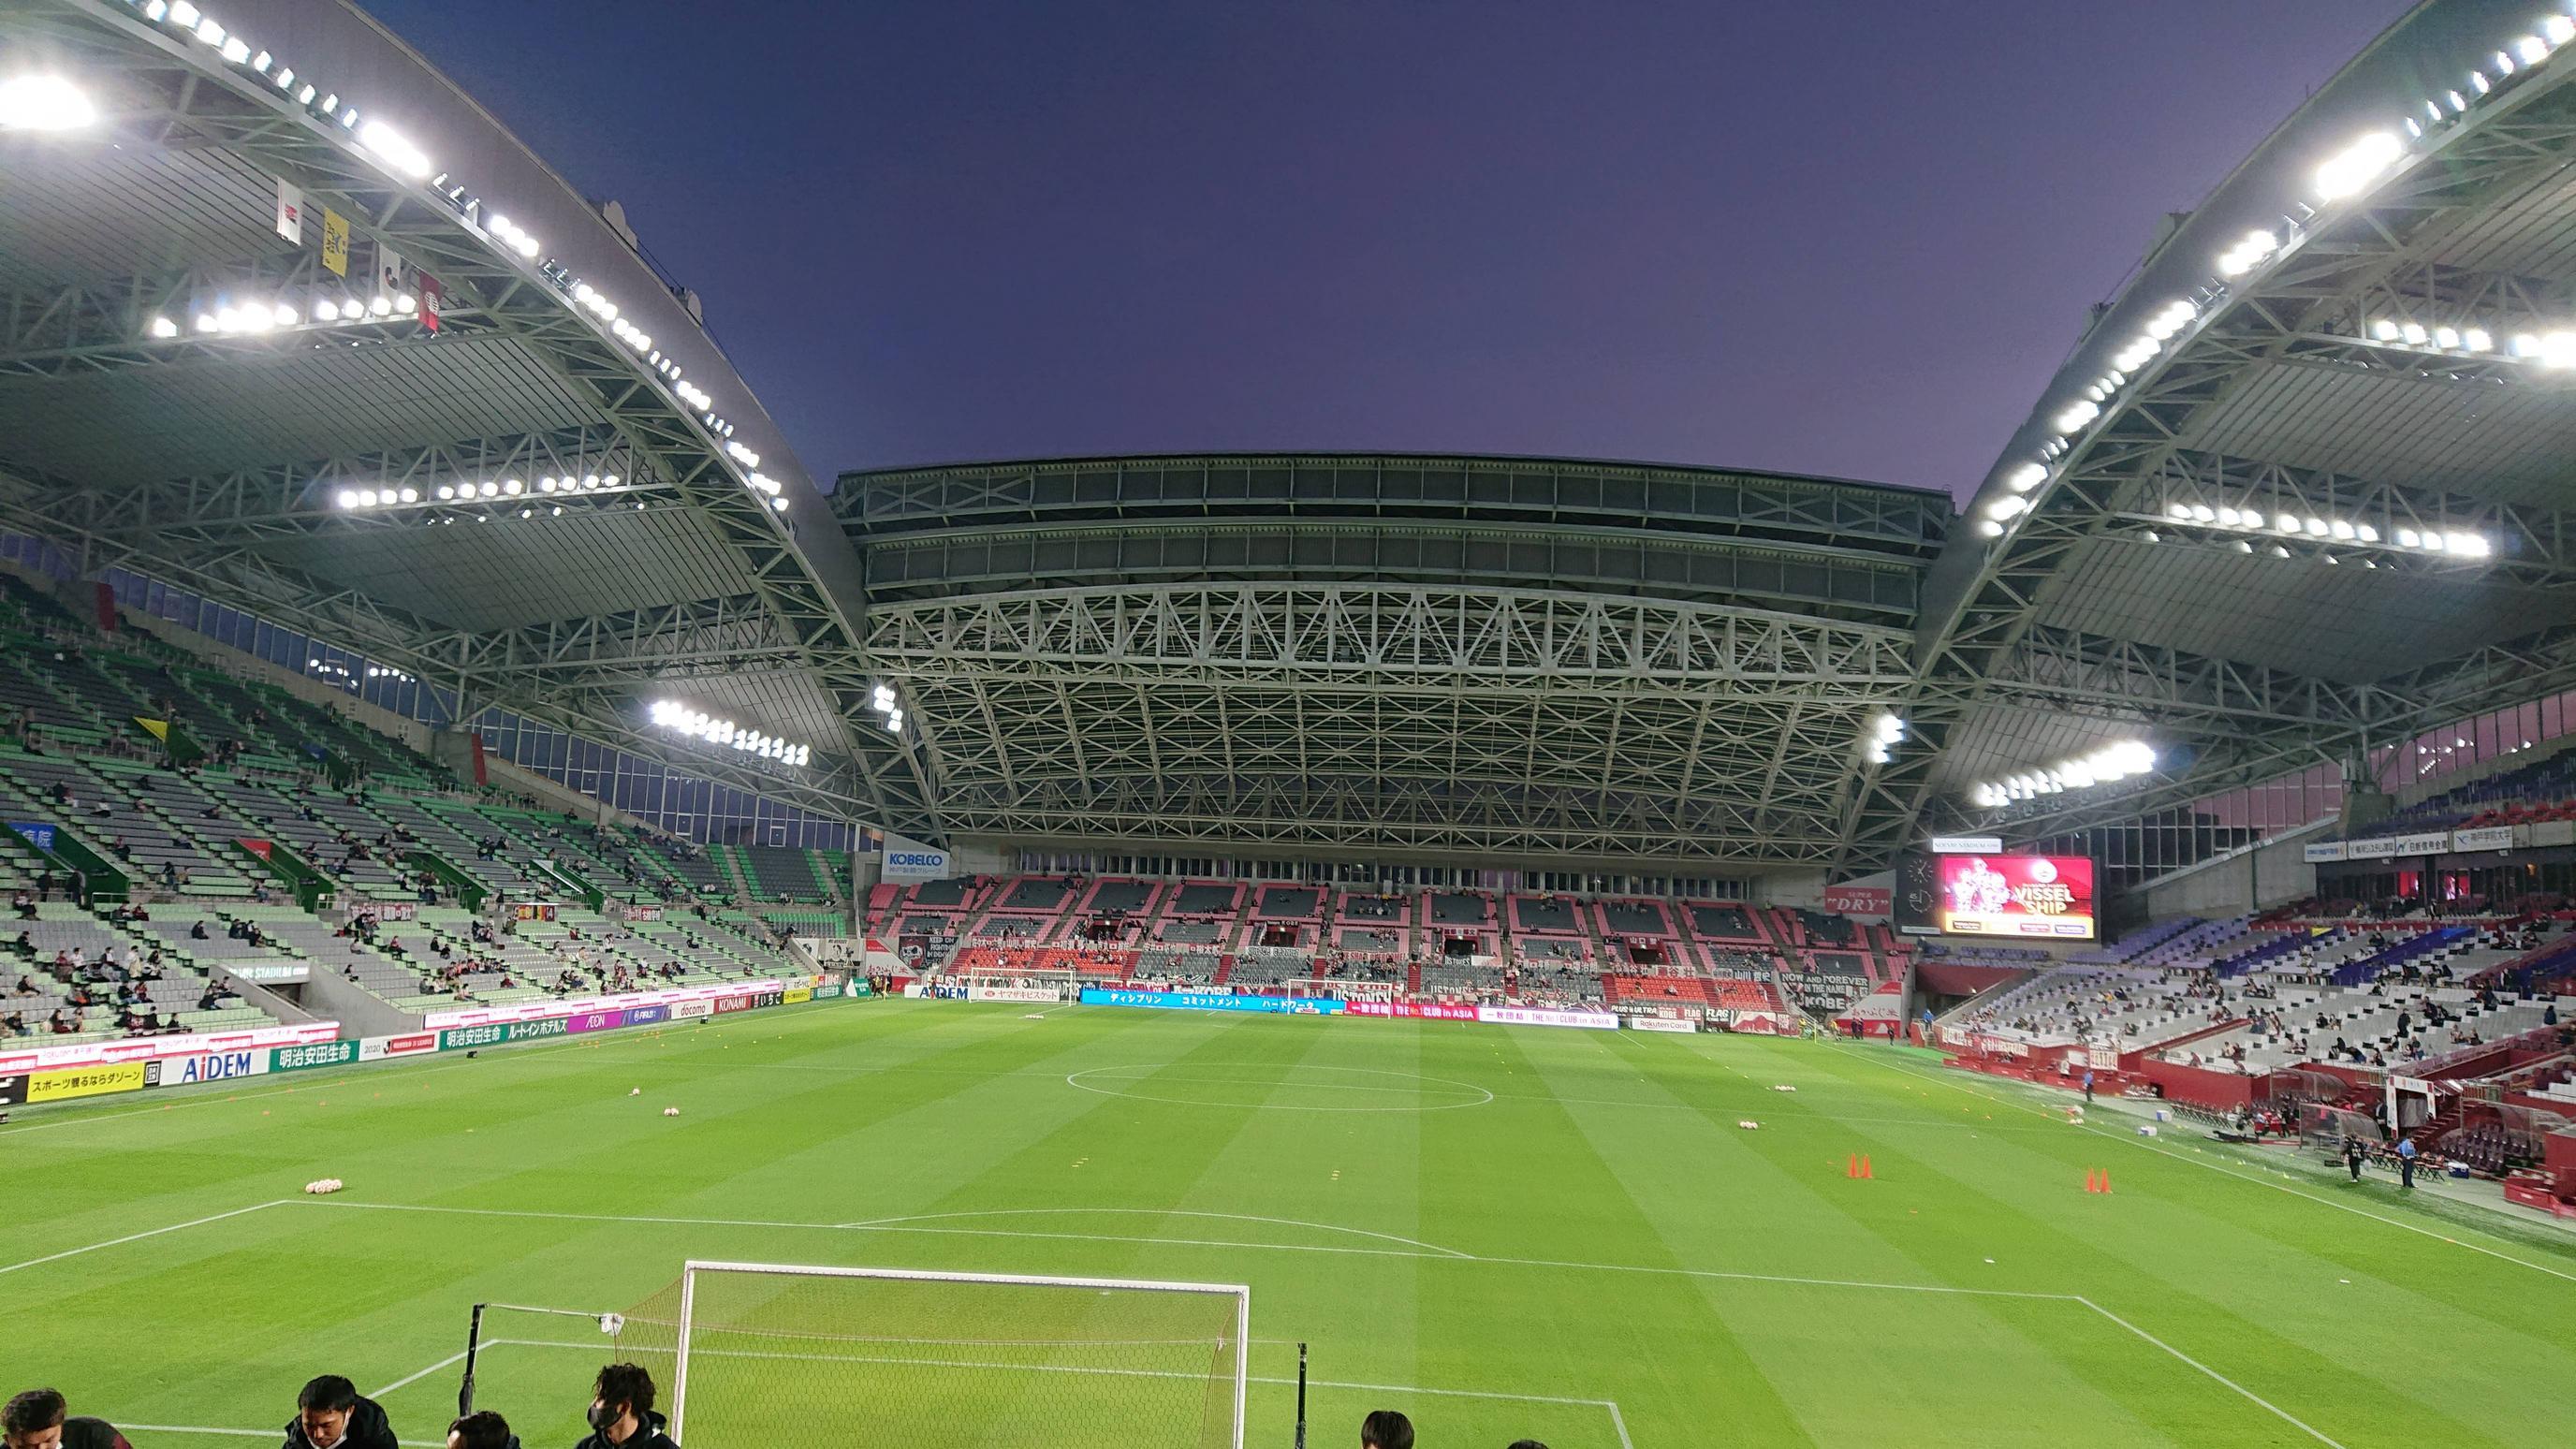 アーカイブ bbs 東京 サッカー